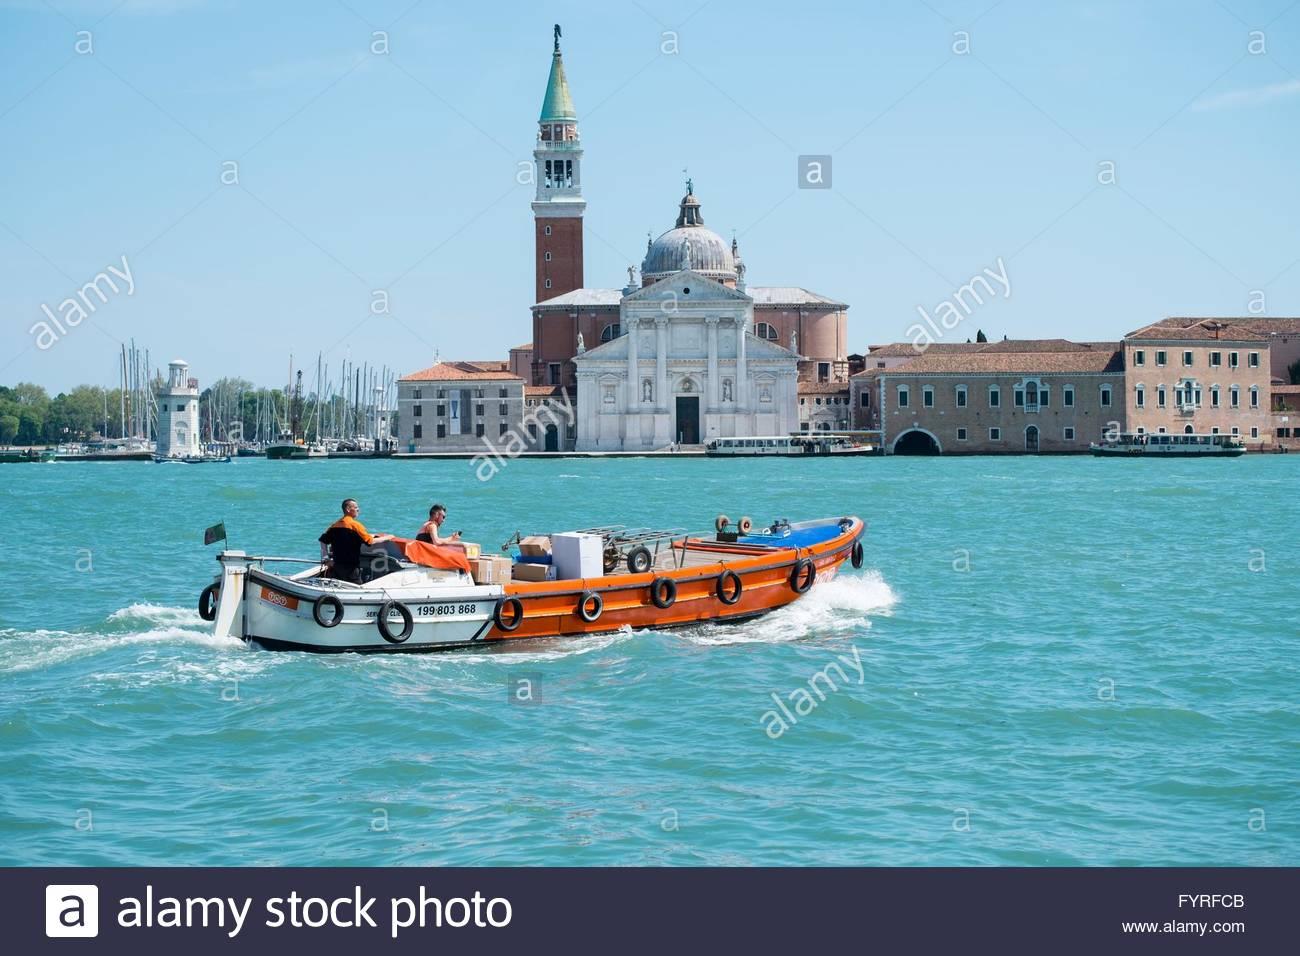 TNT consegna il viaggio in barca per la isola della Giudecca Immagini Stock